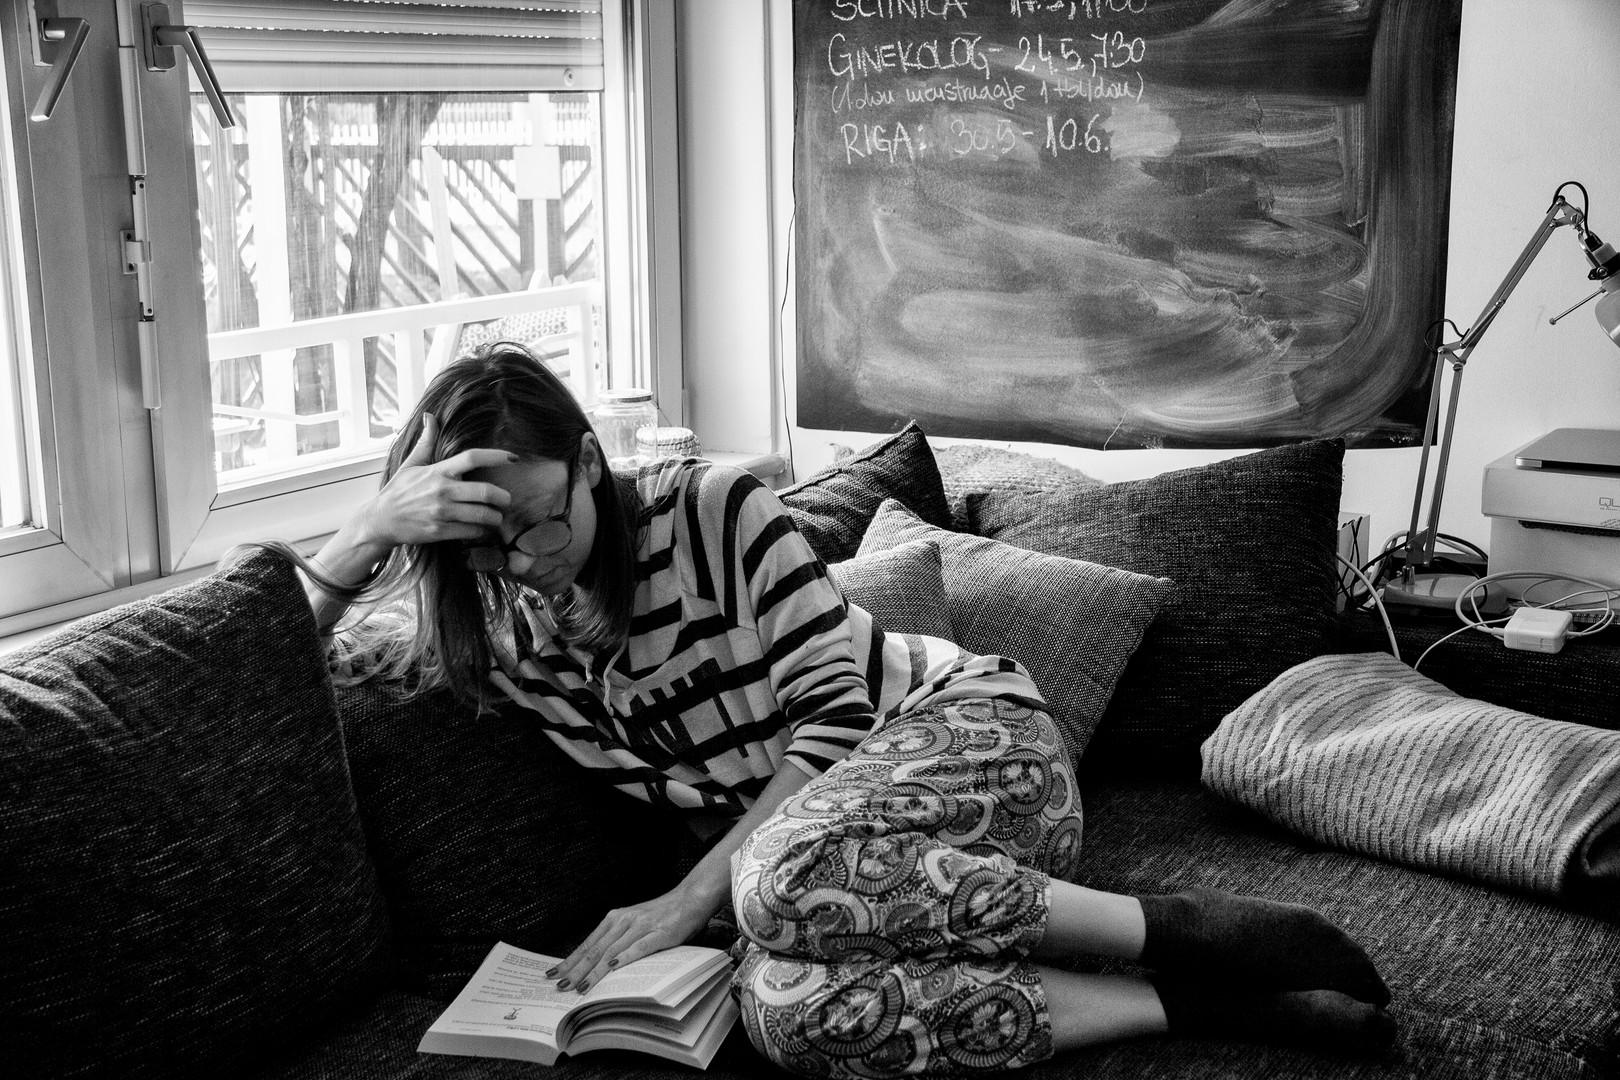 """Uporaba kavča je lahko namenjena tudi drugim stvarem ne samo sproščanju - včasih je namenjena tudi šraufanju«.  The couch can be used for more than just relaxing - sometimes you can use it for """"fastening things""""."""